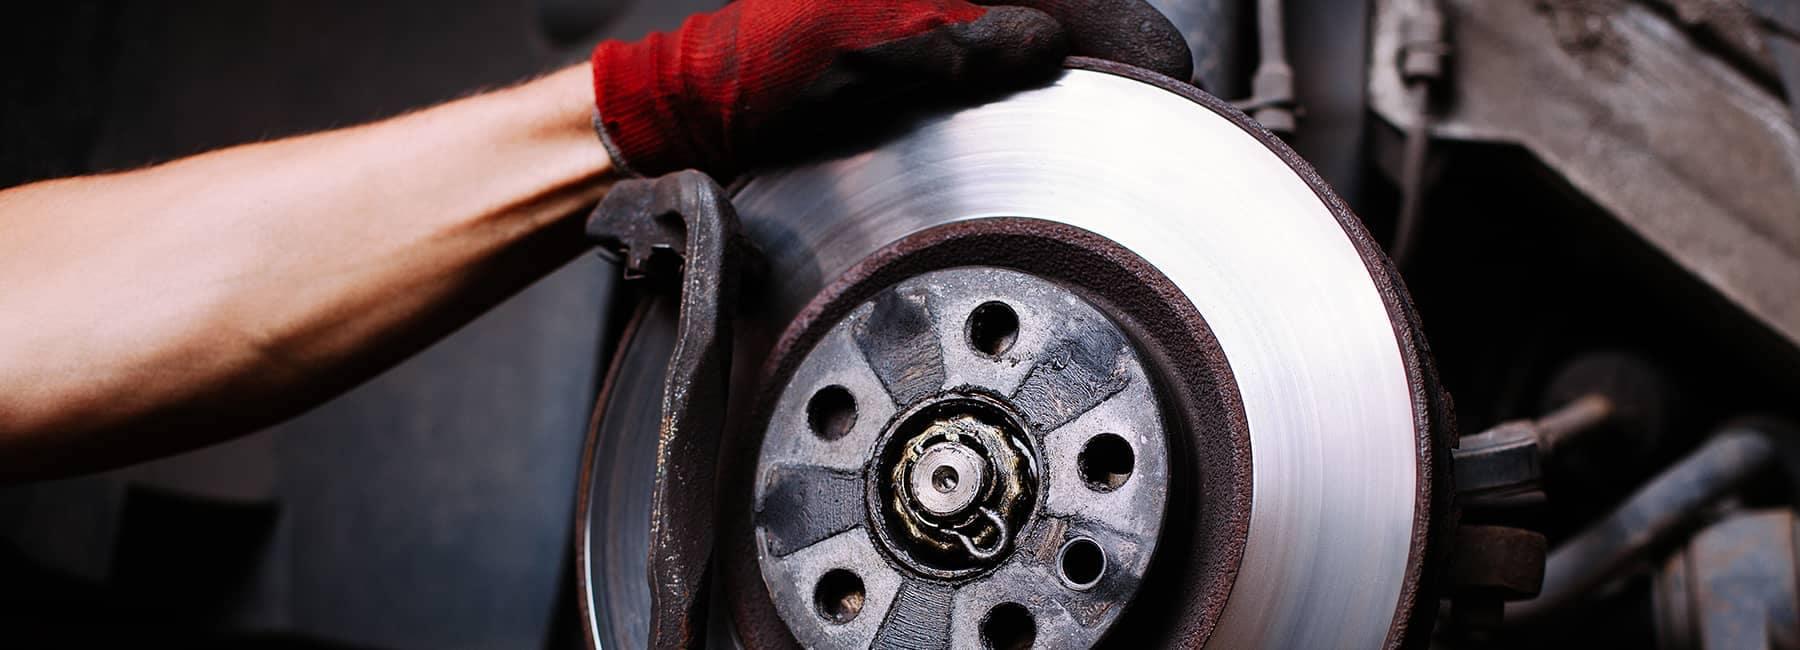 Close up image of brake rotors